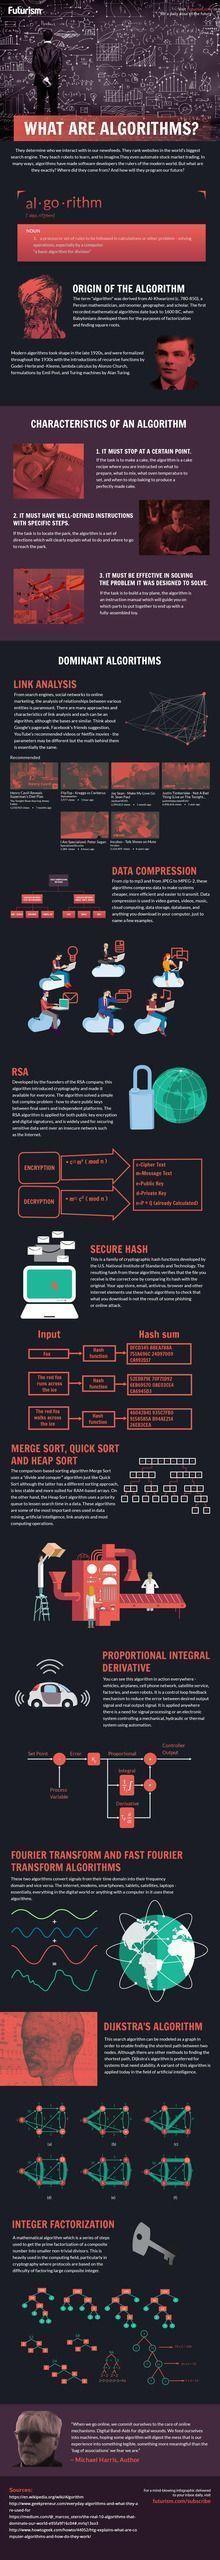 What are algorithms? (Infographic): http://futurism.com/images/what-are-algorithms/?utm_campaign=coschedule&utm_source=pinterest&utm_medium=Futurism&utm_content=What%20Are%20Algorithms%3F